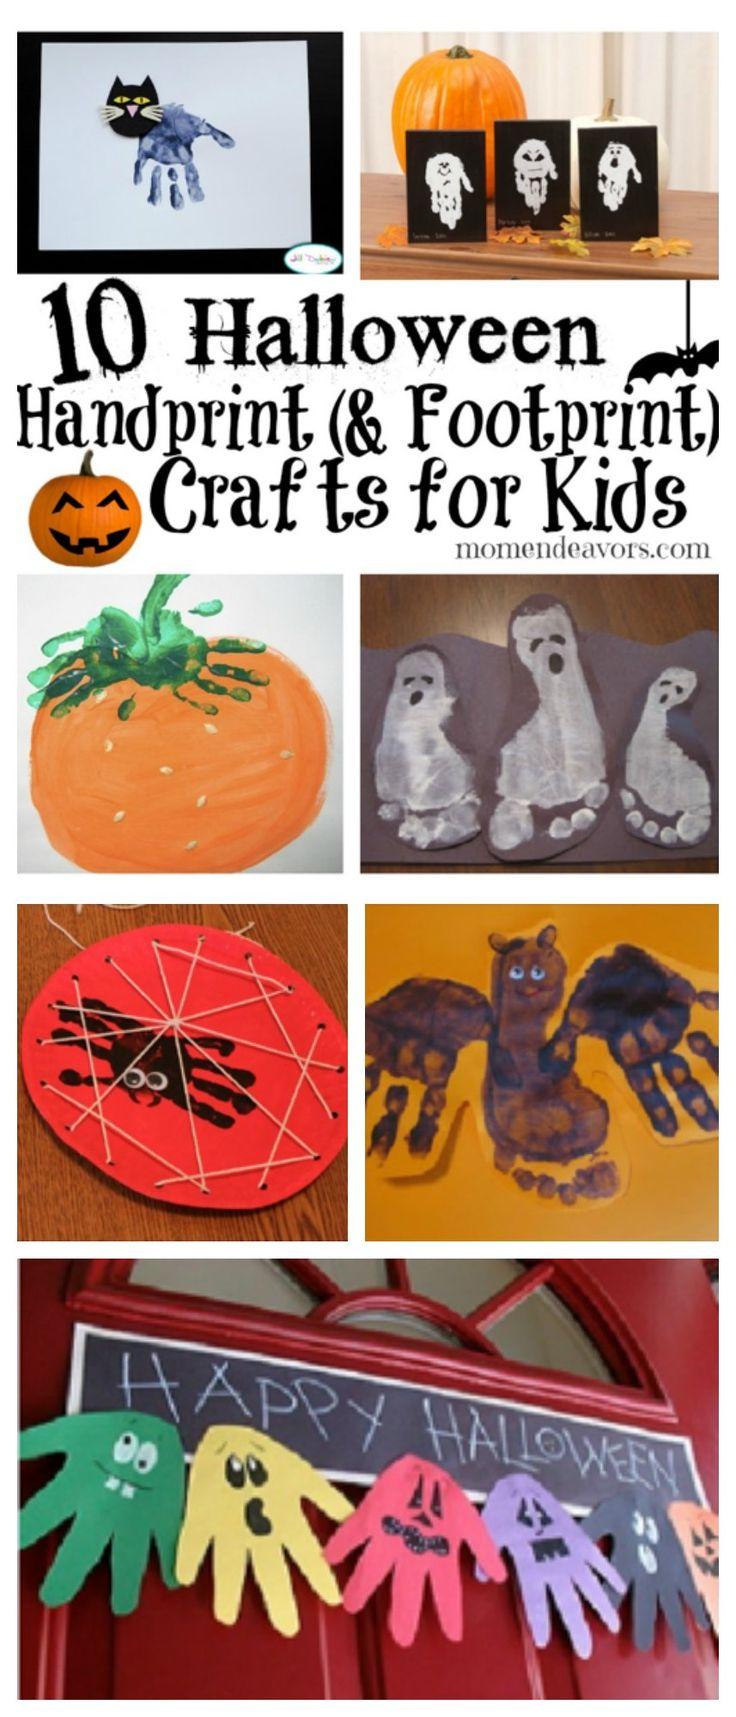 10 Halloween Handprint & Footprint Crafts for Kids! #Halloween